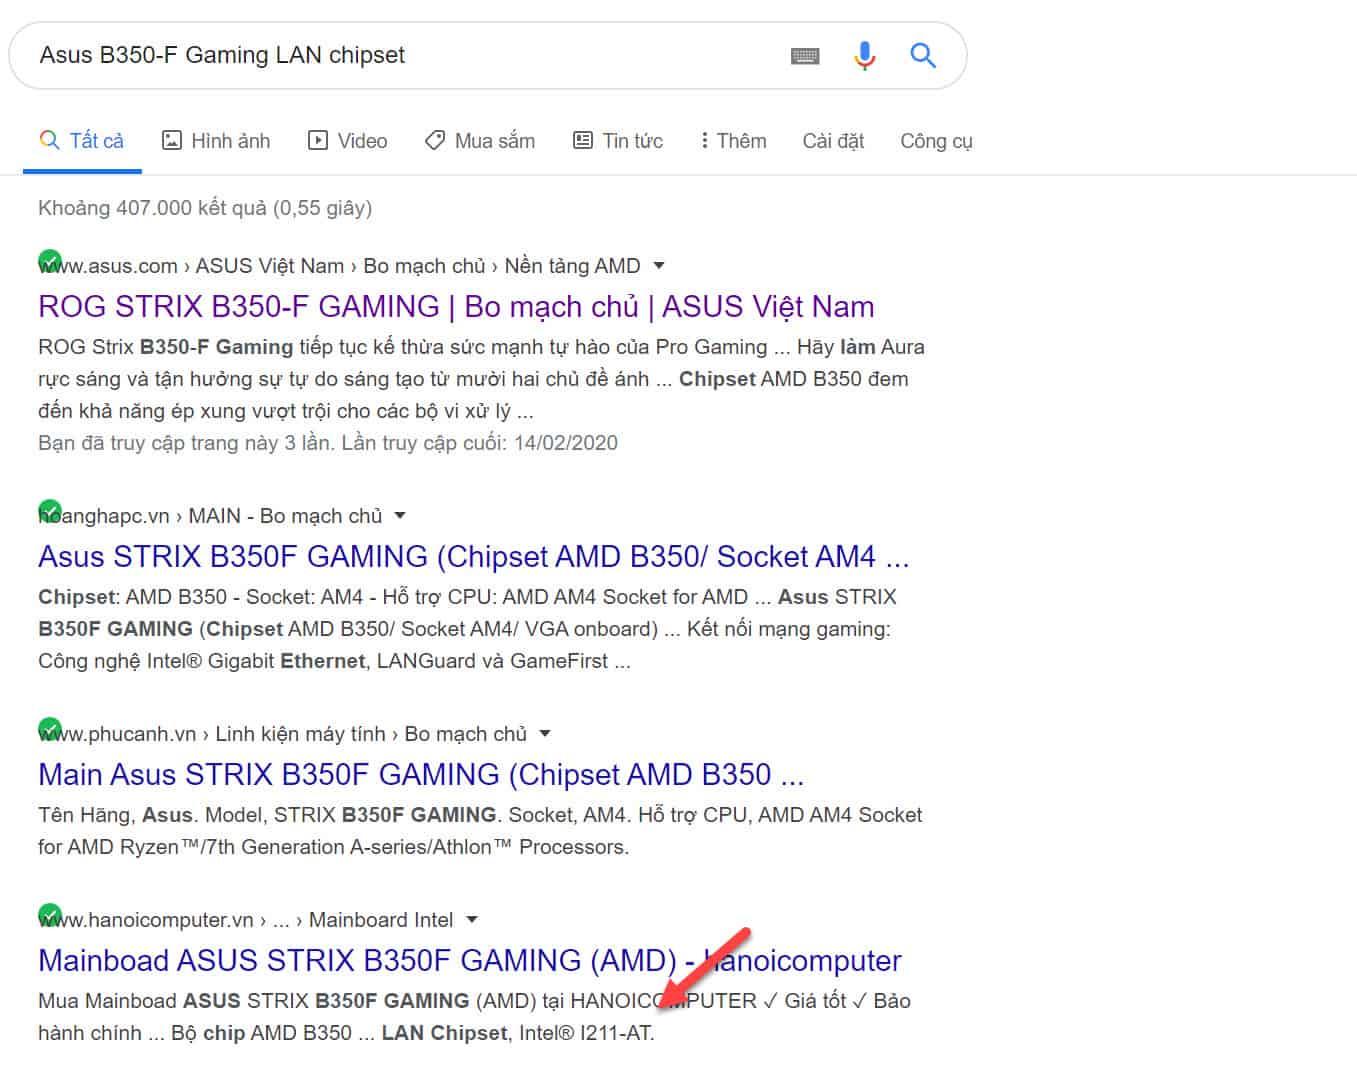 Asus B350-F Gaming LAN chipset